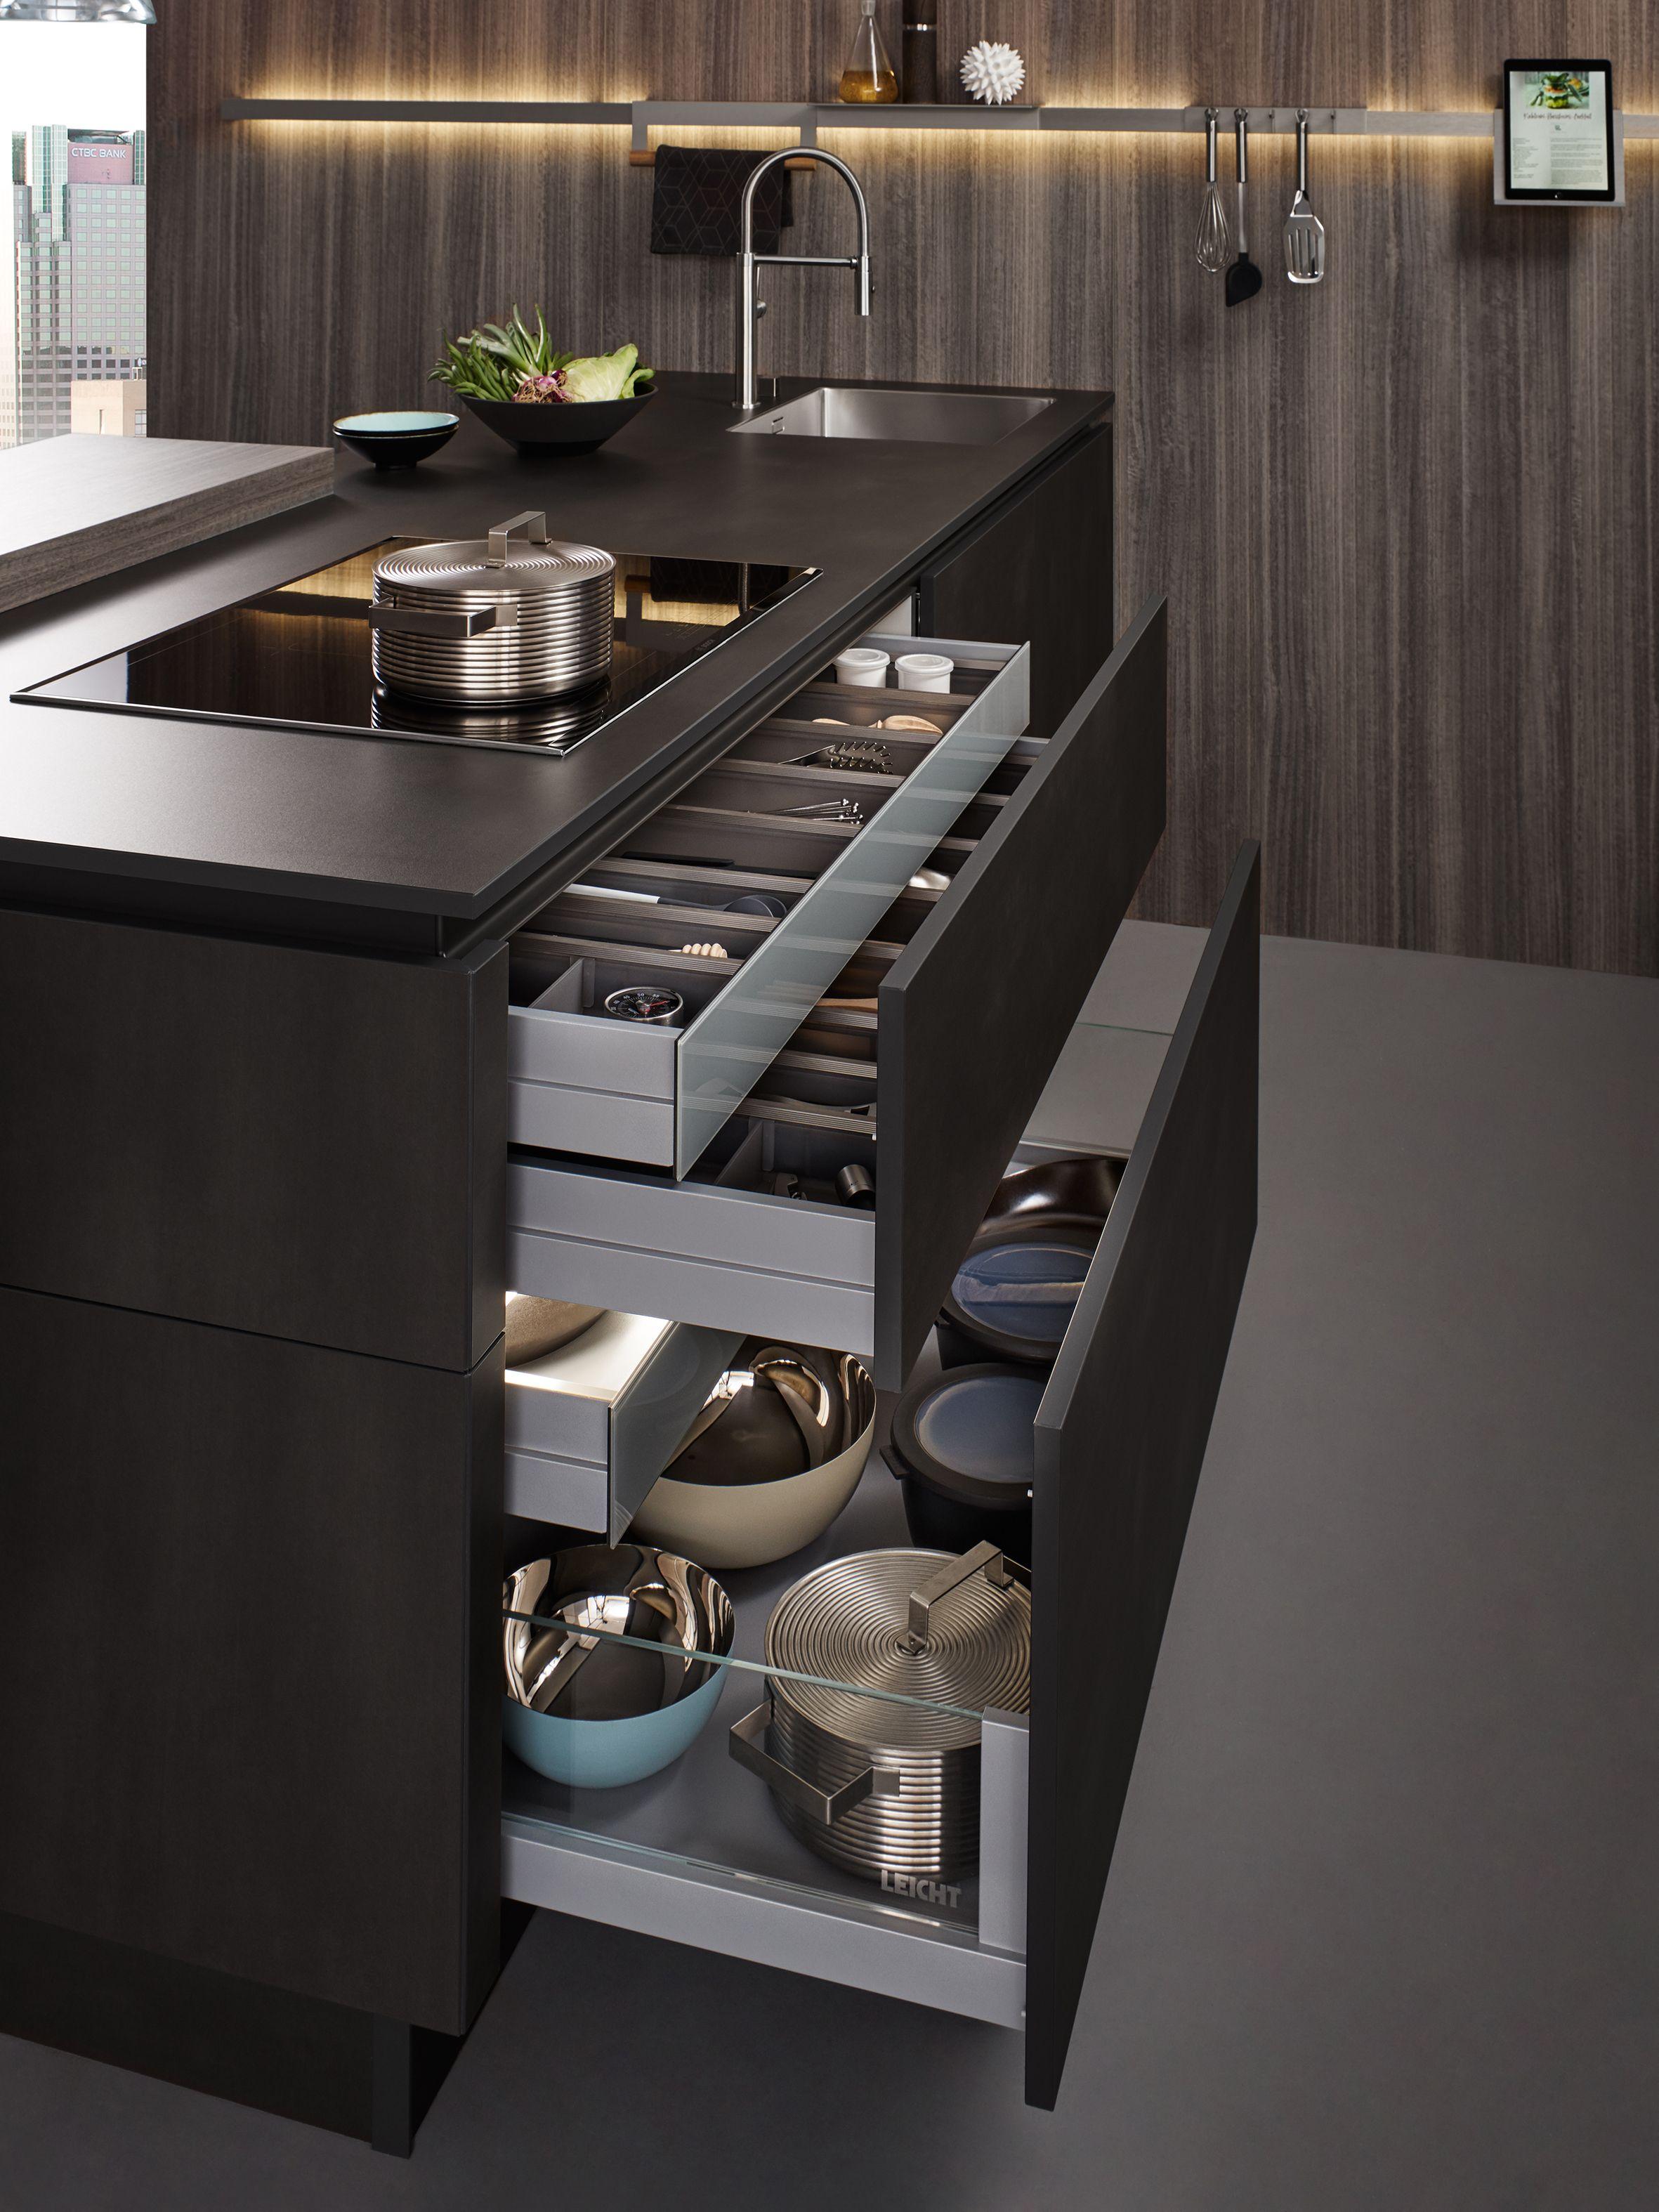 S Organiser Comme Un Chef Visite Déco Cuisine Moderne Cuisine Design Moderne Rangement Interieur Cuisine